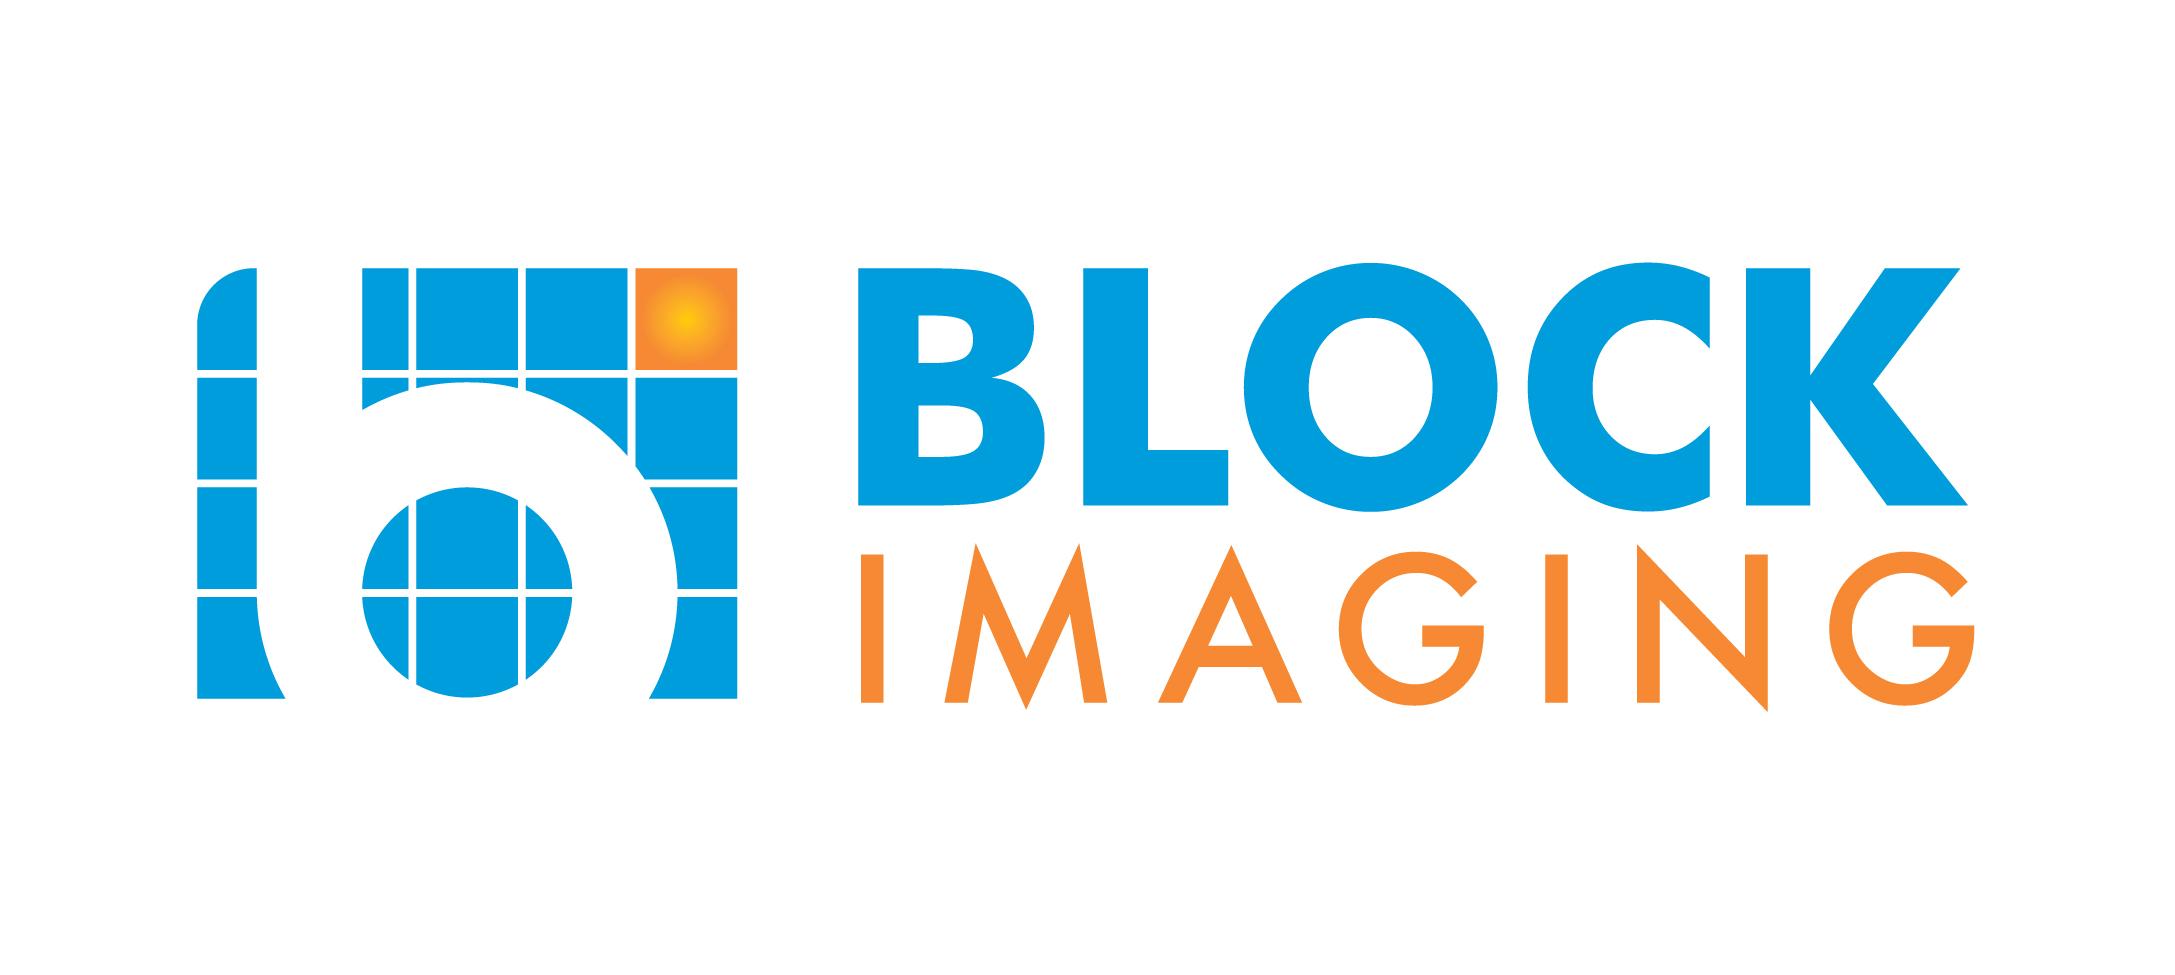 block imaging unveils new logo